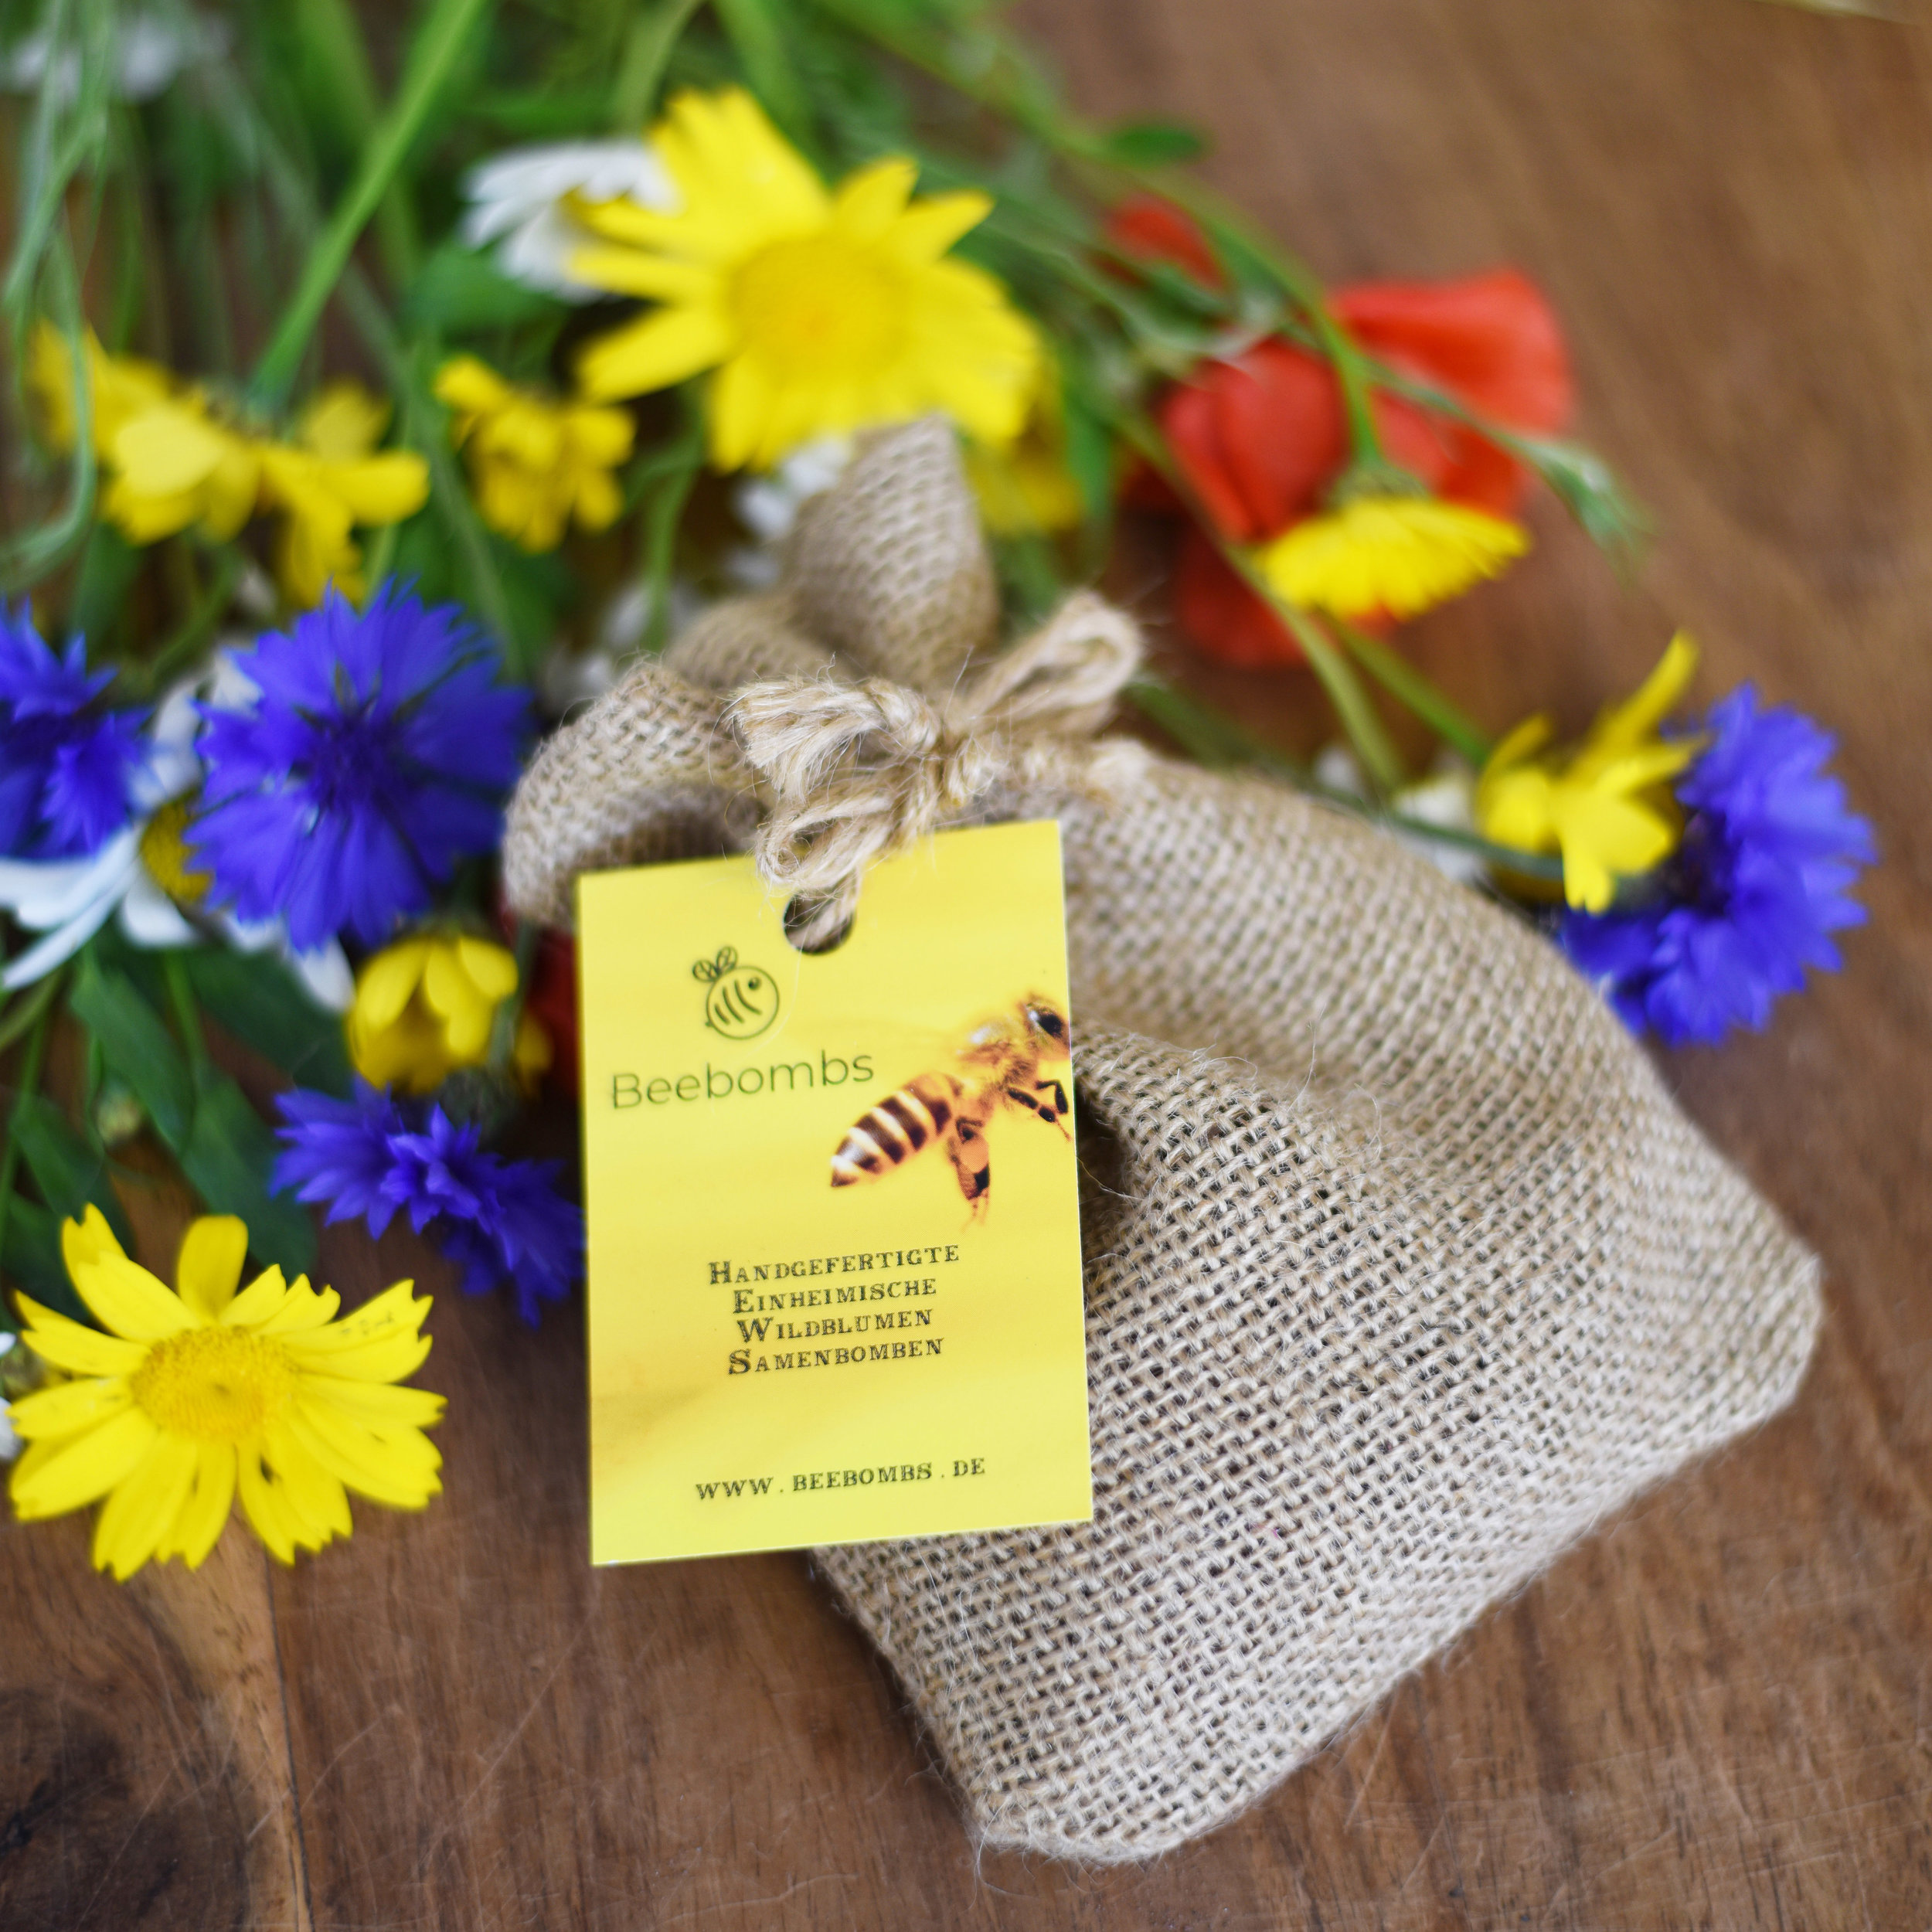 Jede Packung unserer handgefertigten Beebombs besteht aus hunderten von Samen 18 verschiedener Wildblumenarten.